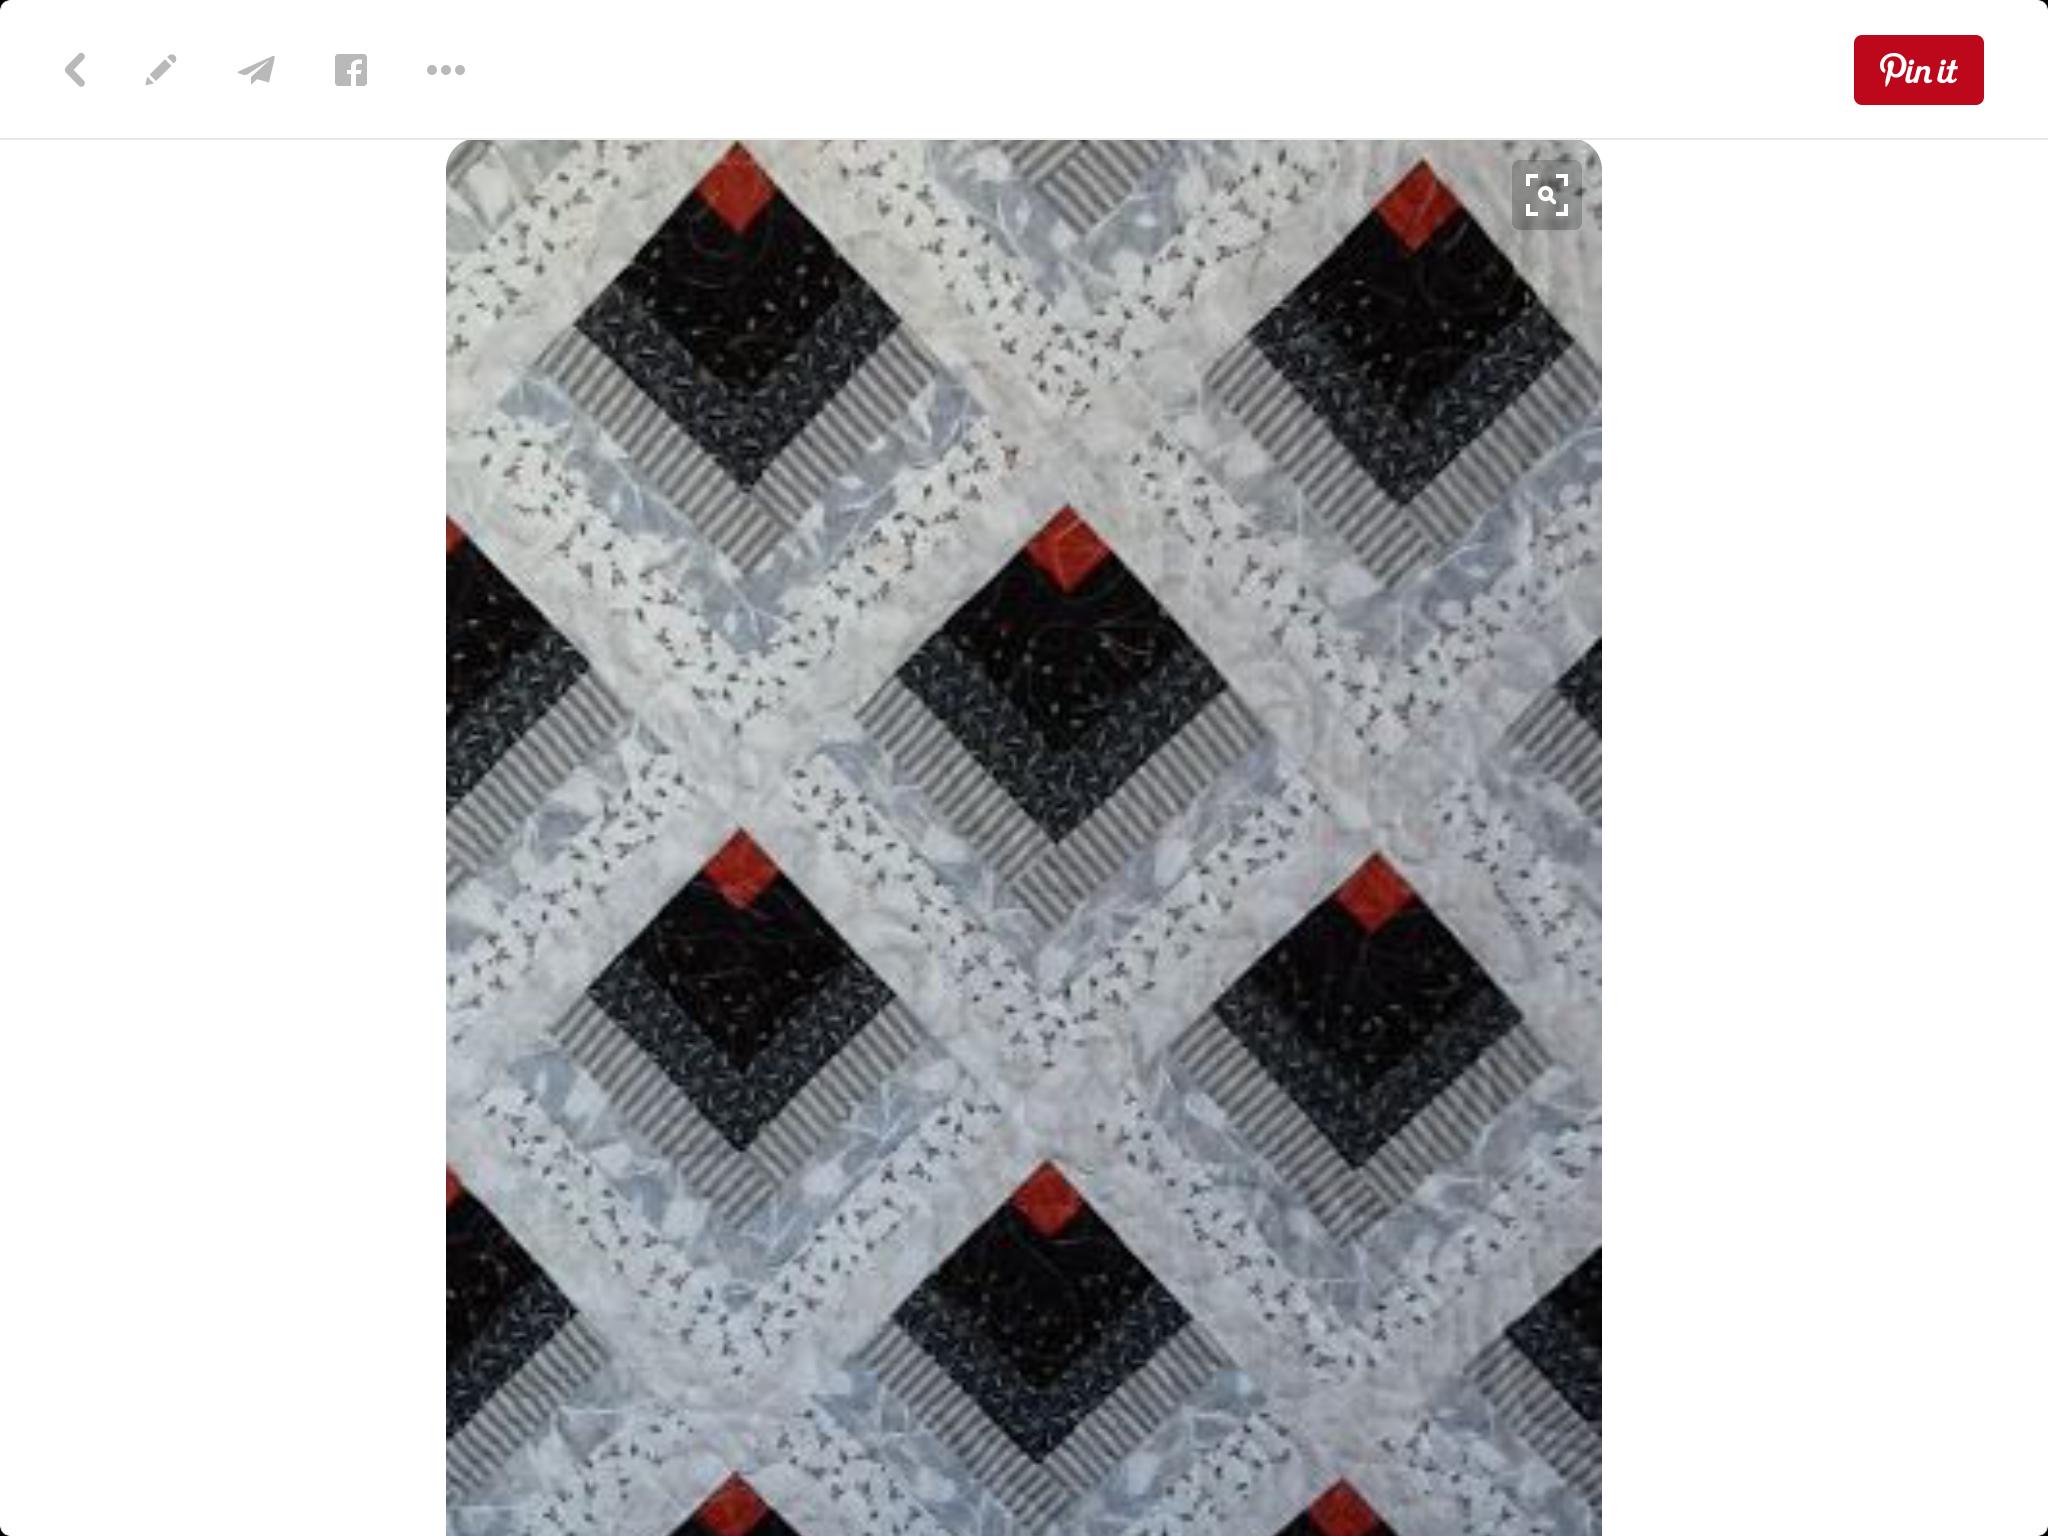 Pin von Marci Rowland auf Quilt Log Cabin | Pinterest | Nähen